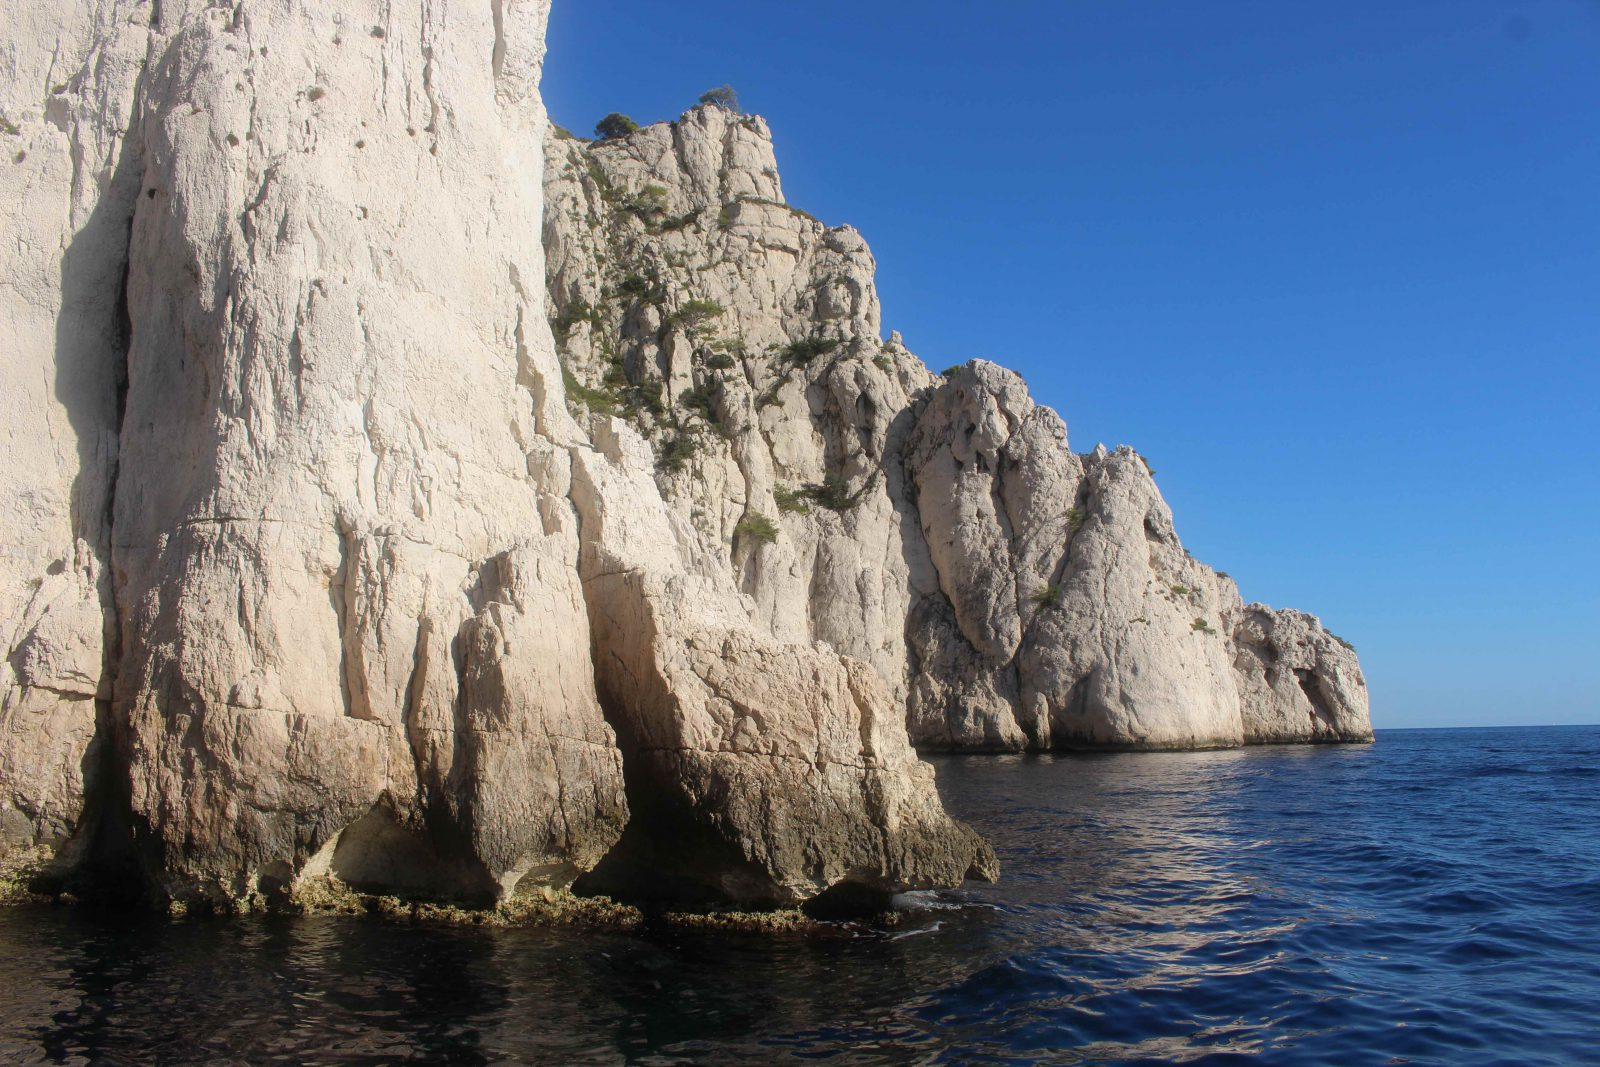 Les falaises des calanques de Cassis